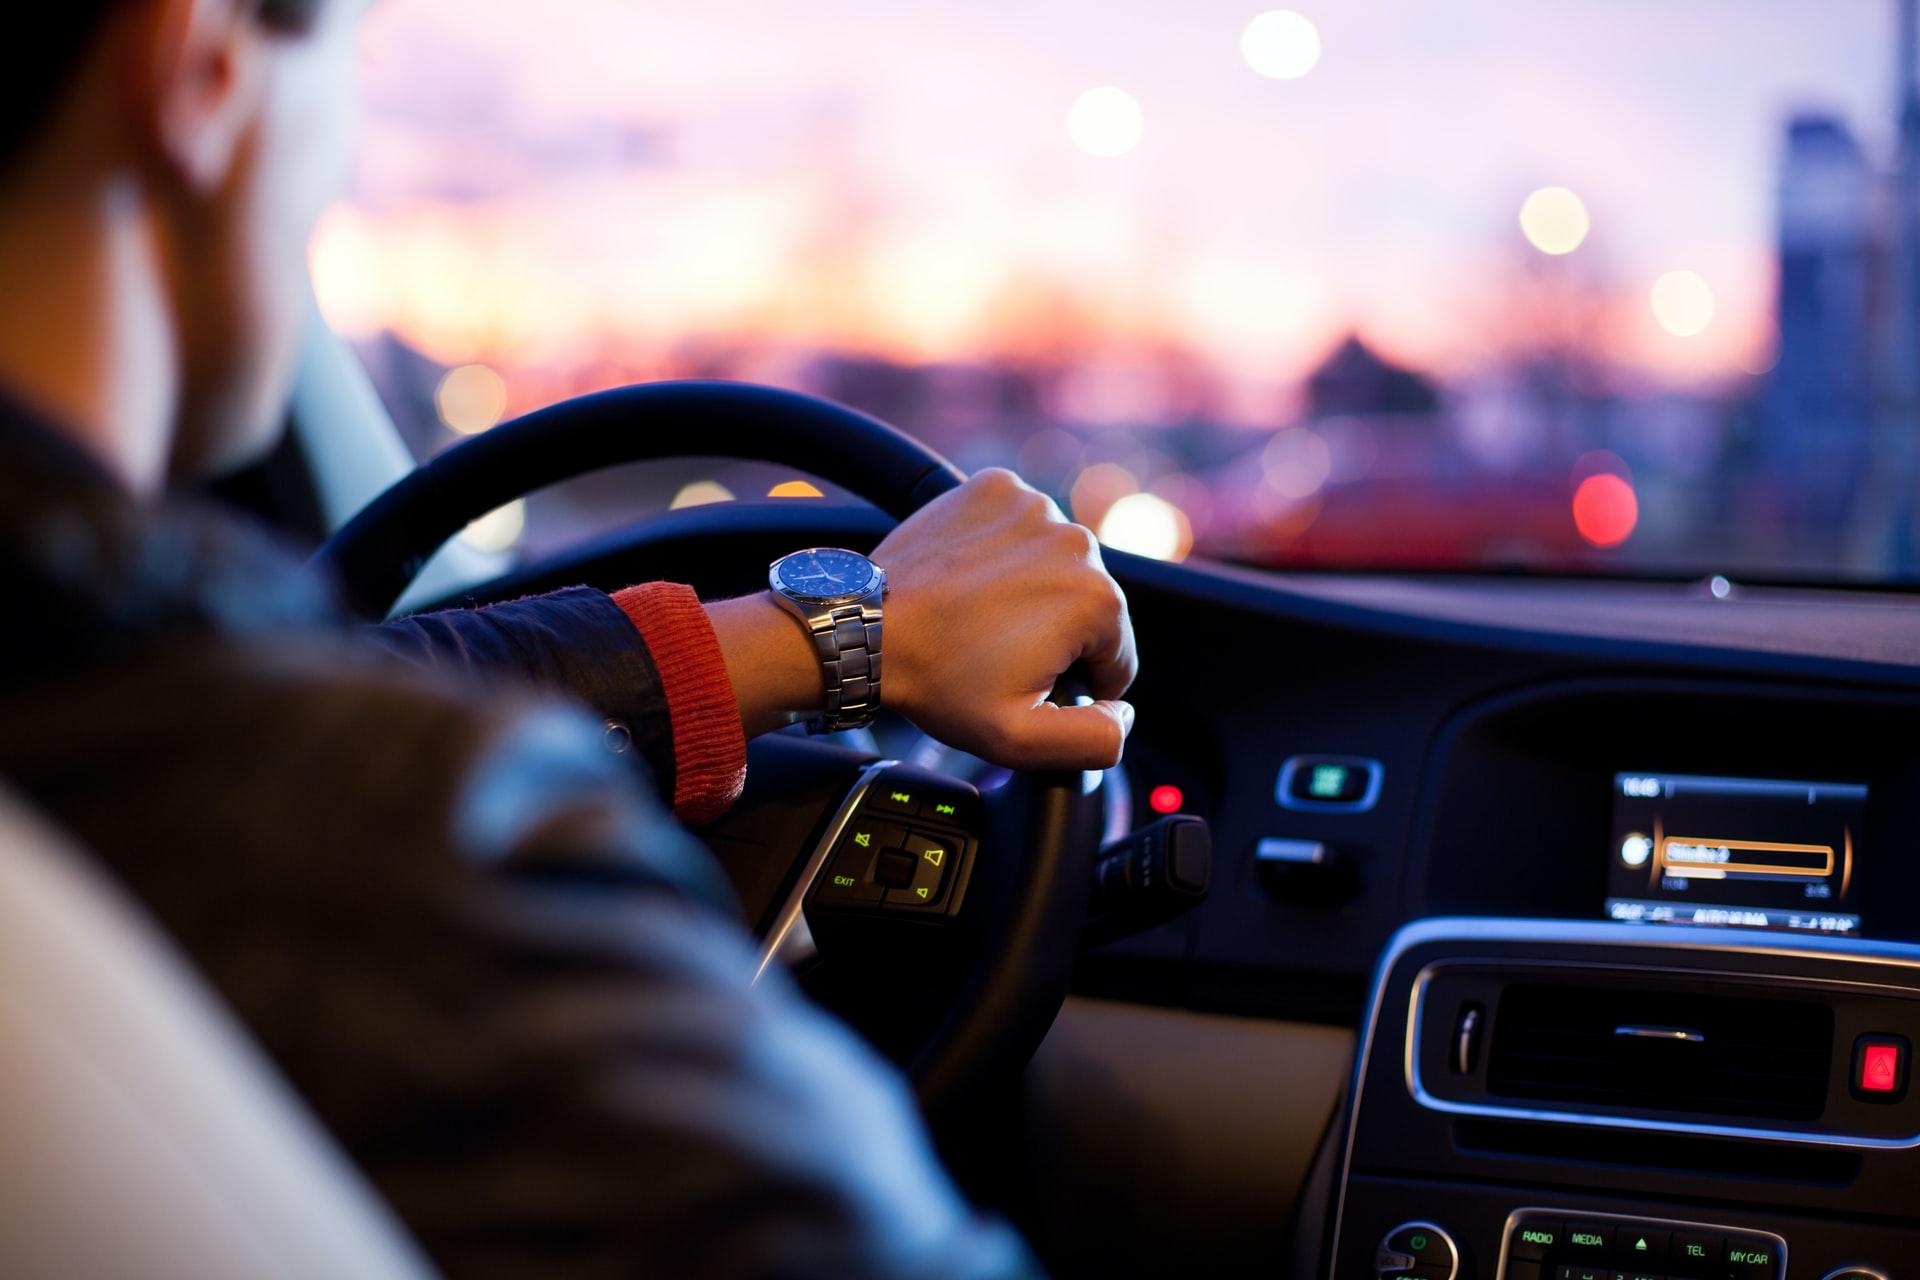 Acquisto automobile nuova senza busta paga si può con quali garanzie